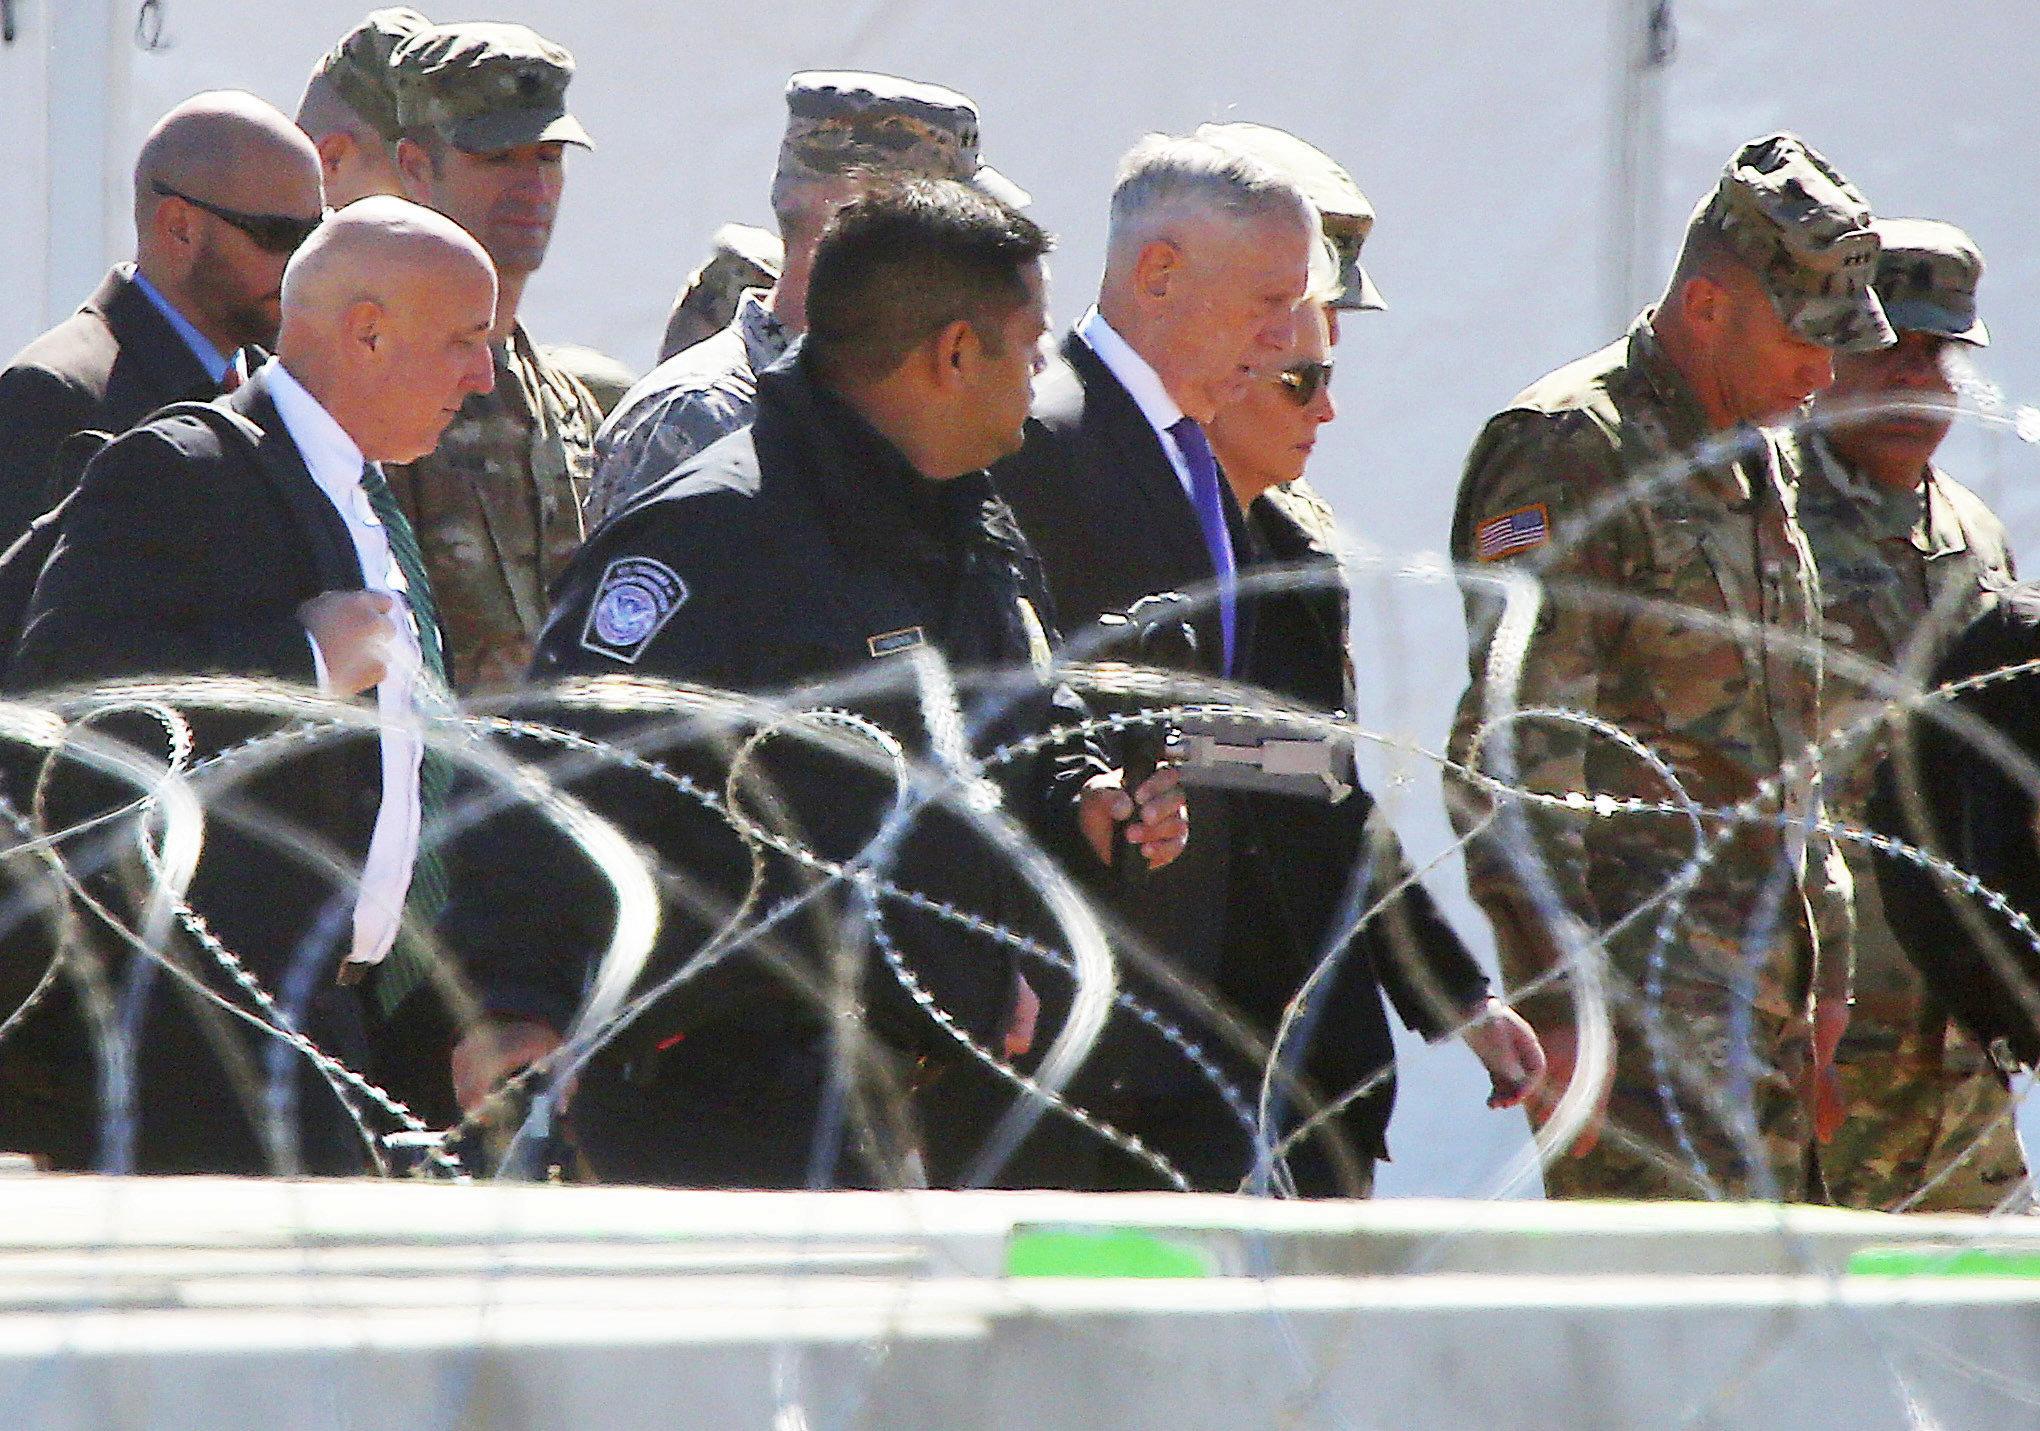 Πάνω από 4.000 μετανάστες στην Τιχουάνα - Οι ΗΠΑ προειδοποιούν για πιθανή στρατιωτική